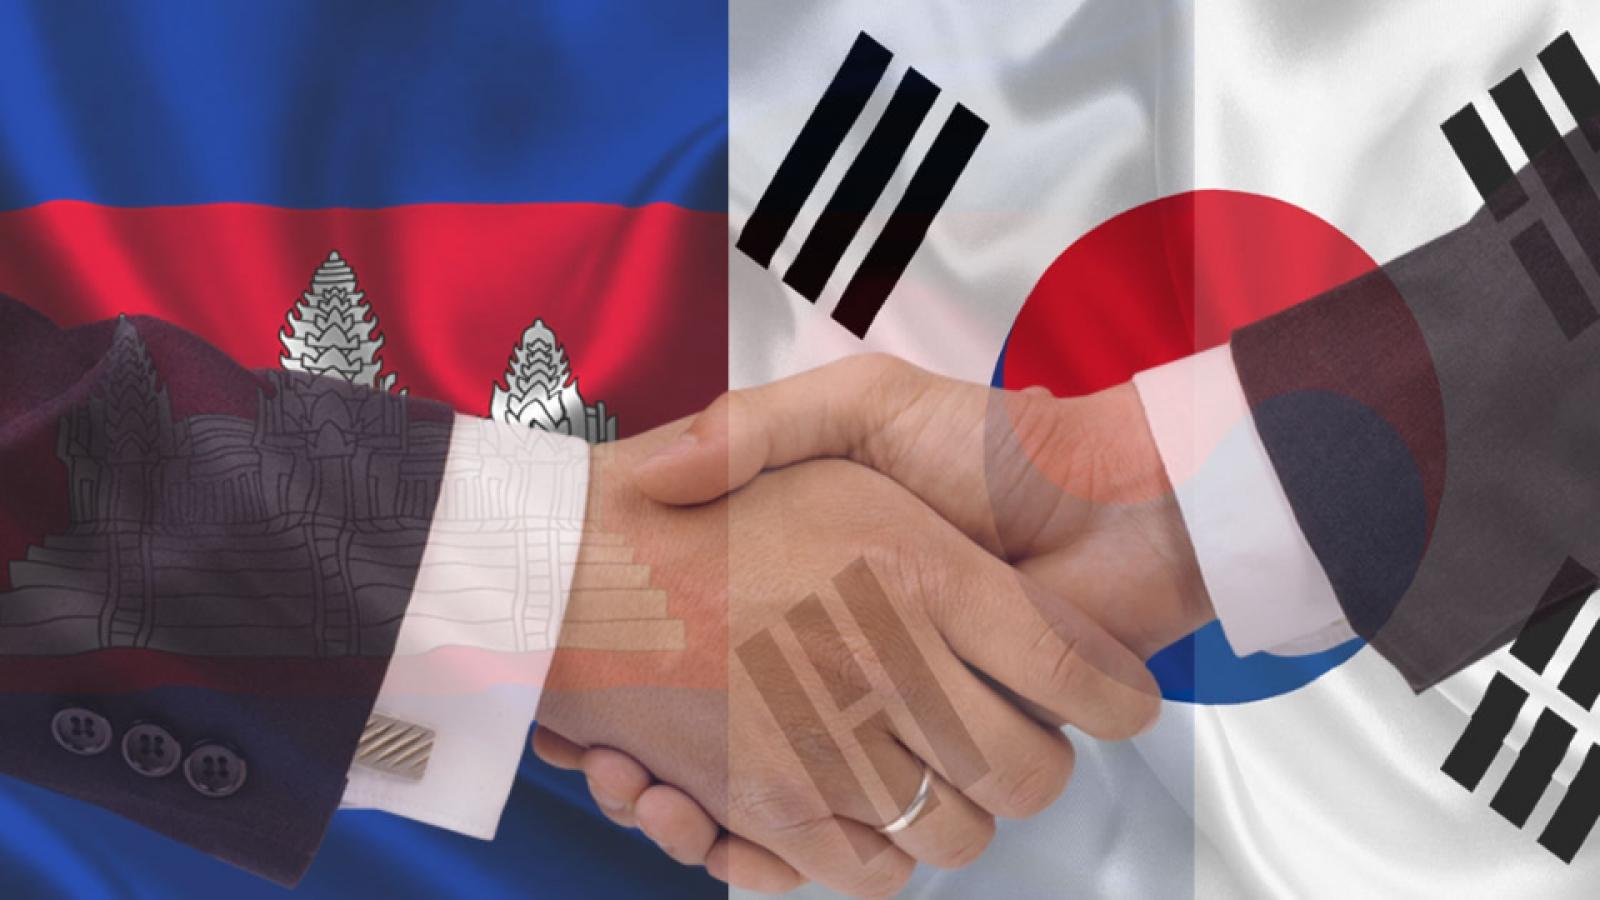 Campuchia - Hàn Quốc sẽ ký Hiệp định Thương mại tự do vào tháng 10/2021